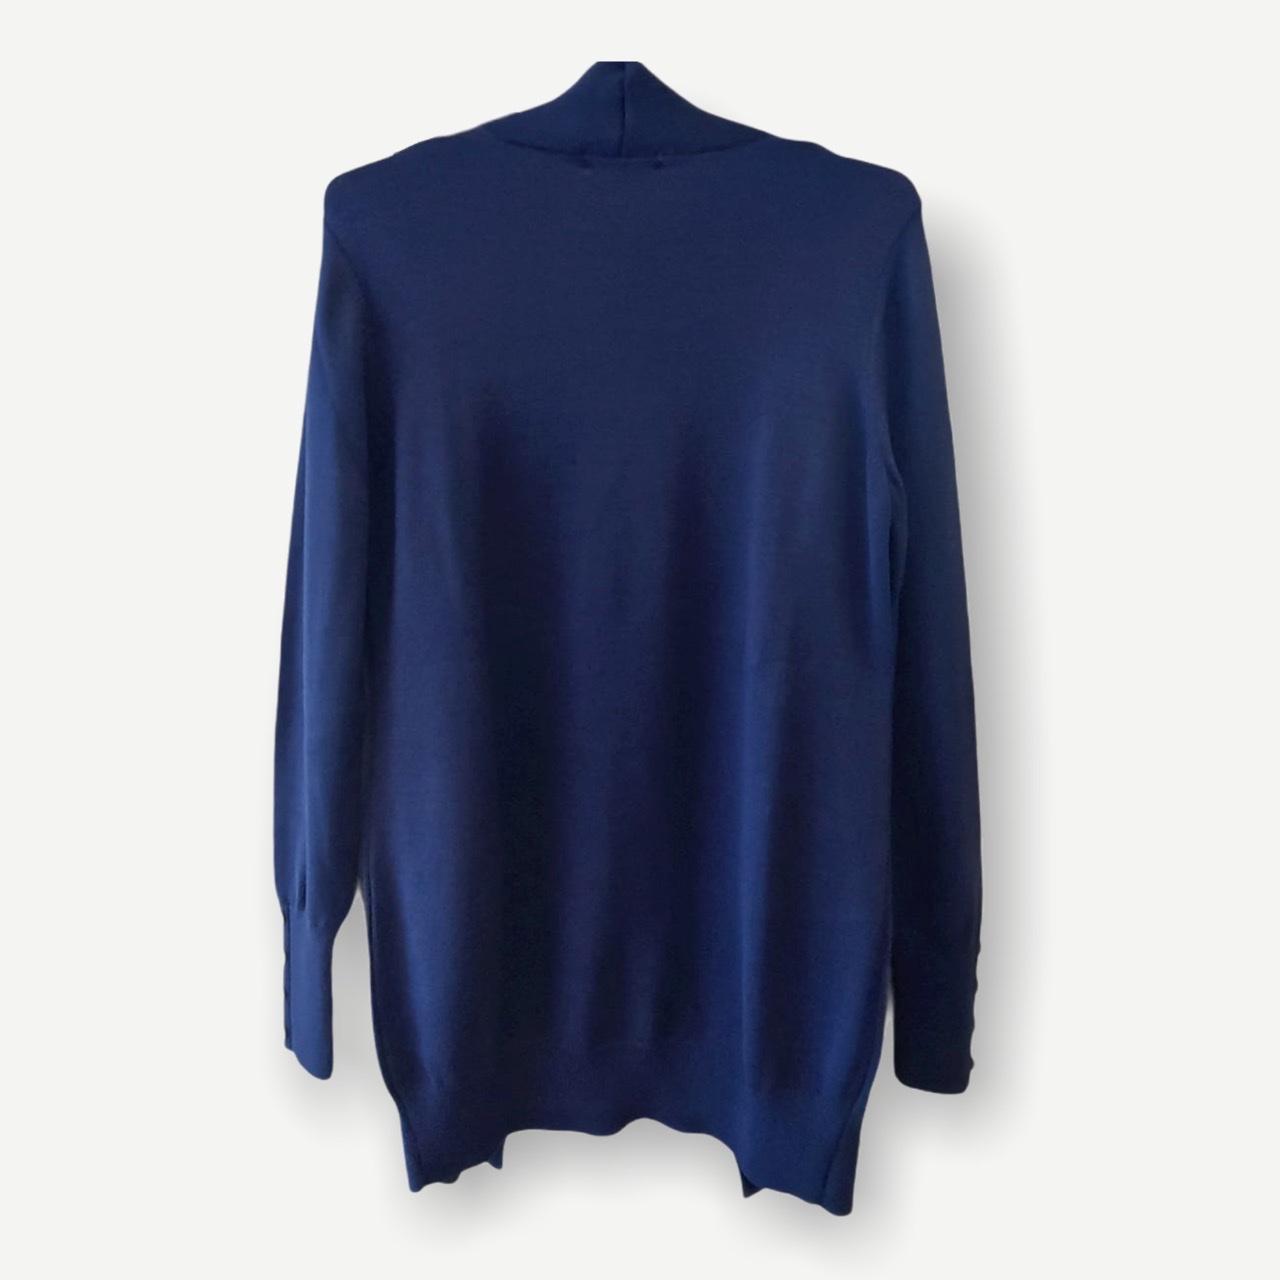 Casaco Leticia azul tricot   - Vivian Bógus